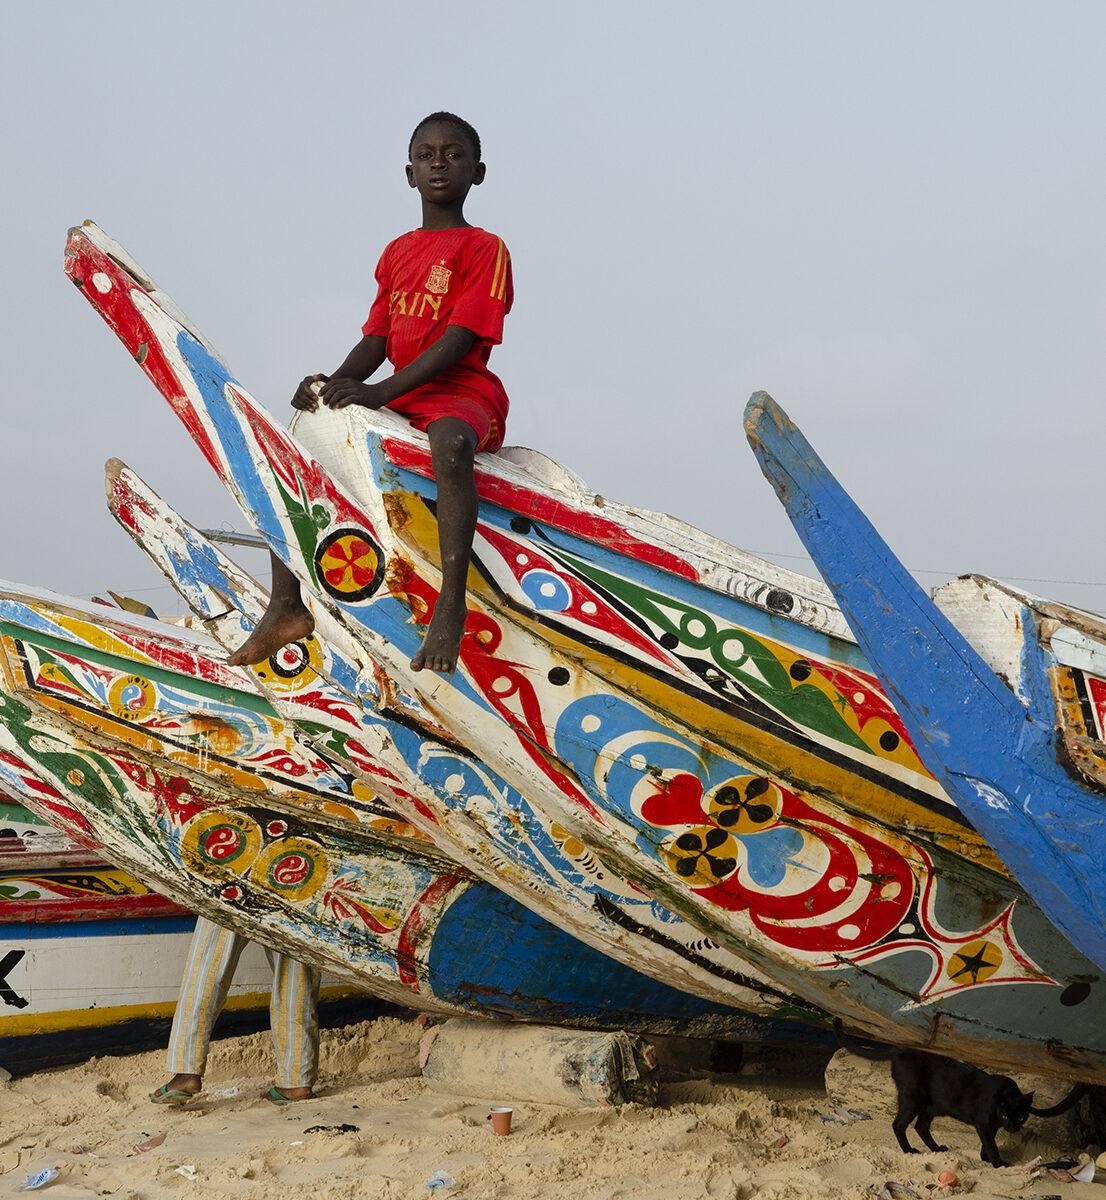 Senegal, Fiske, Småskaligt, Fiskare, Pojke, Strand, Båt, Rapport, Afrika, Västafrika